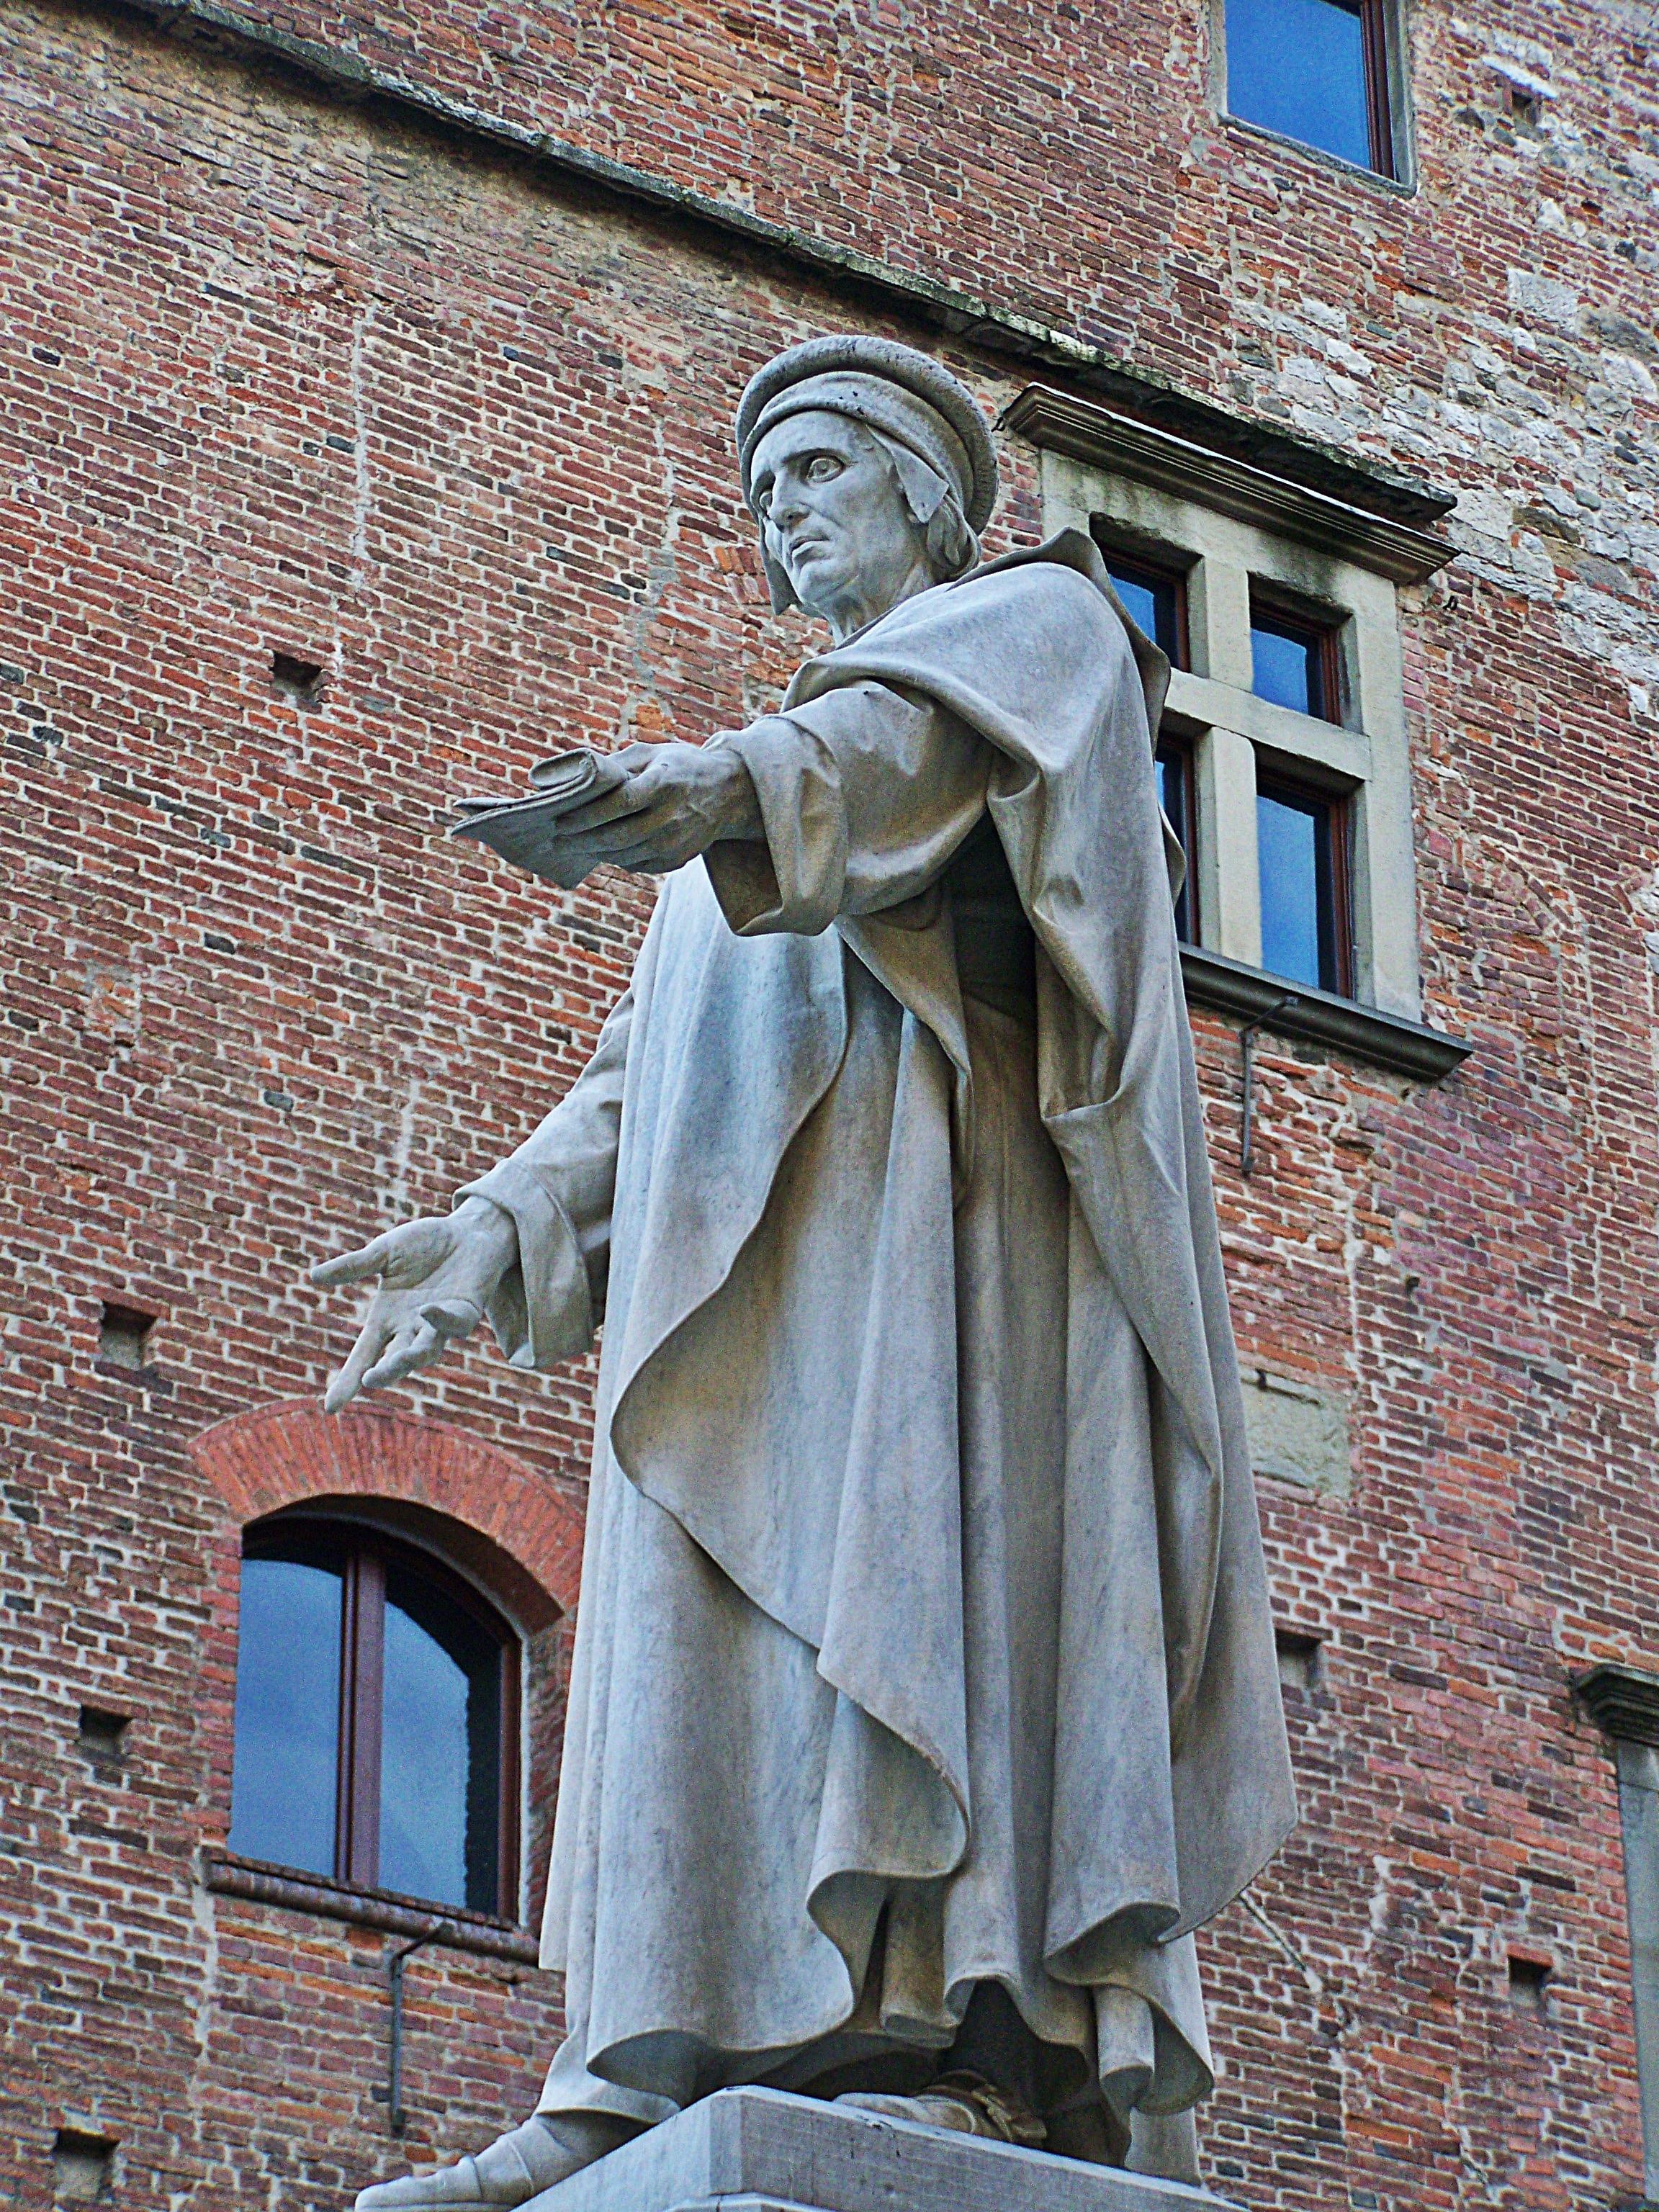 File:Monumento a Francesco di Marco Datini 6.jpg - Wikimedia Commons